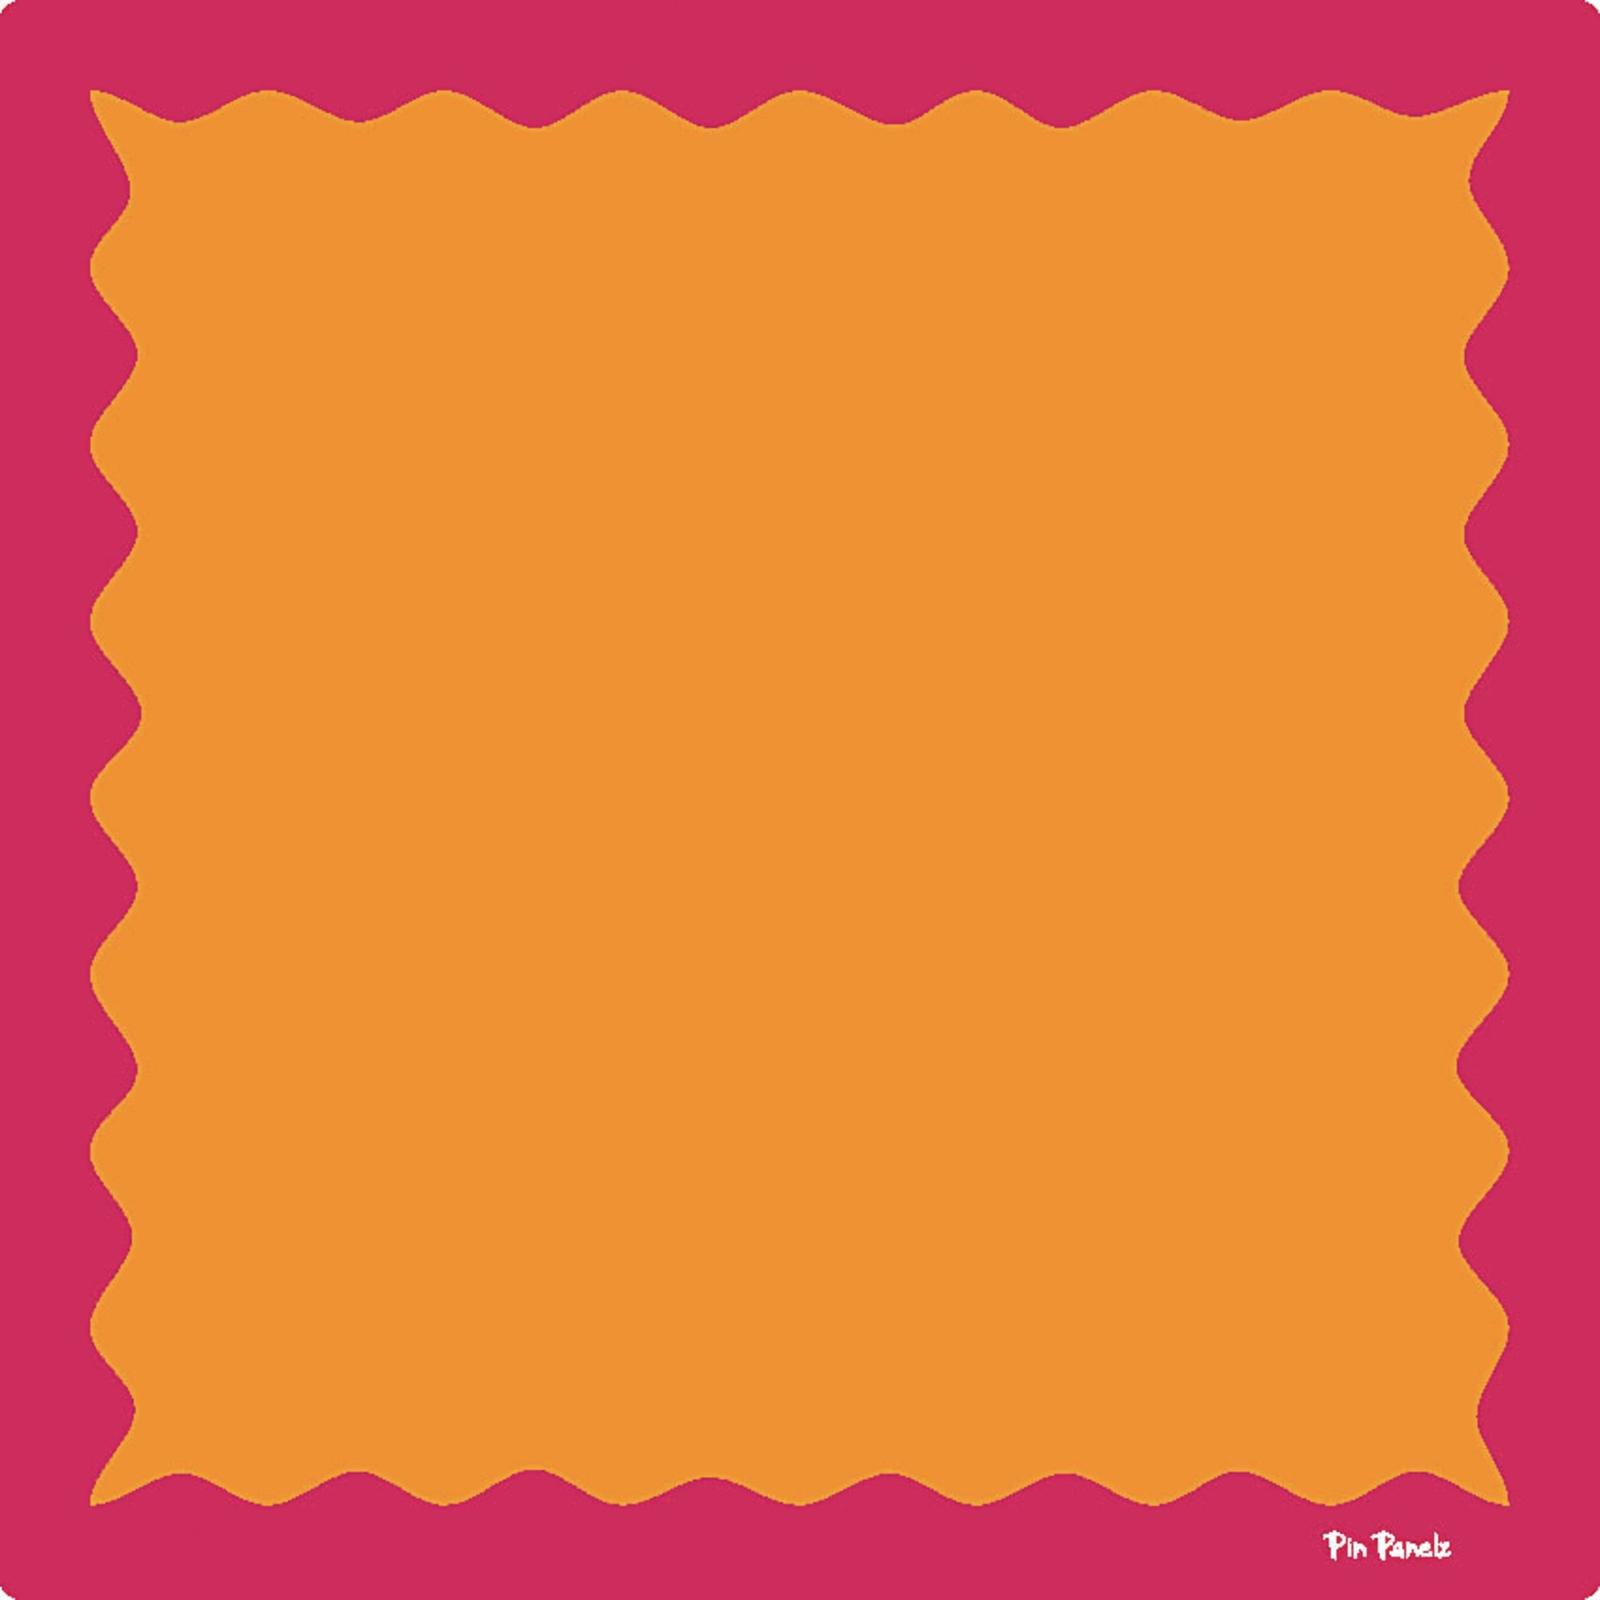 Funky Pin Panelz Pink/Orange- W900 x H900mm